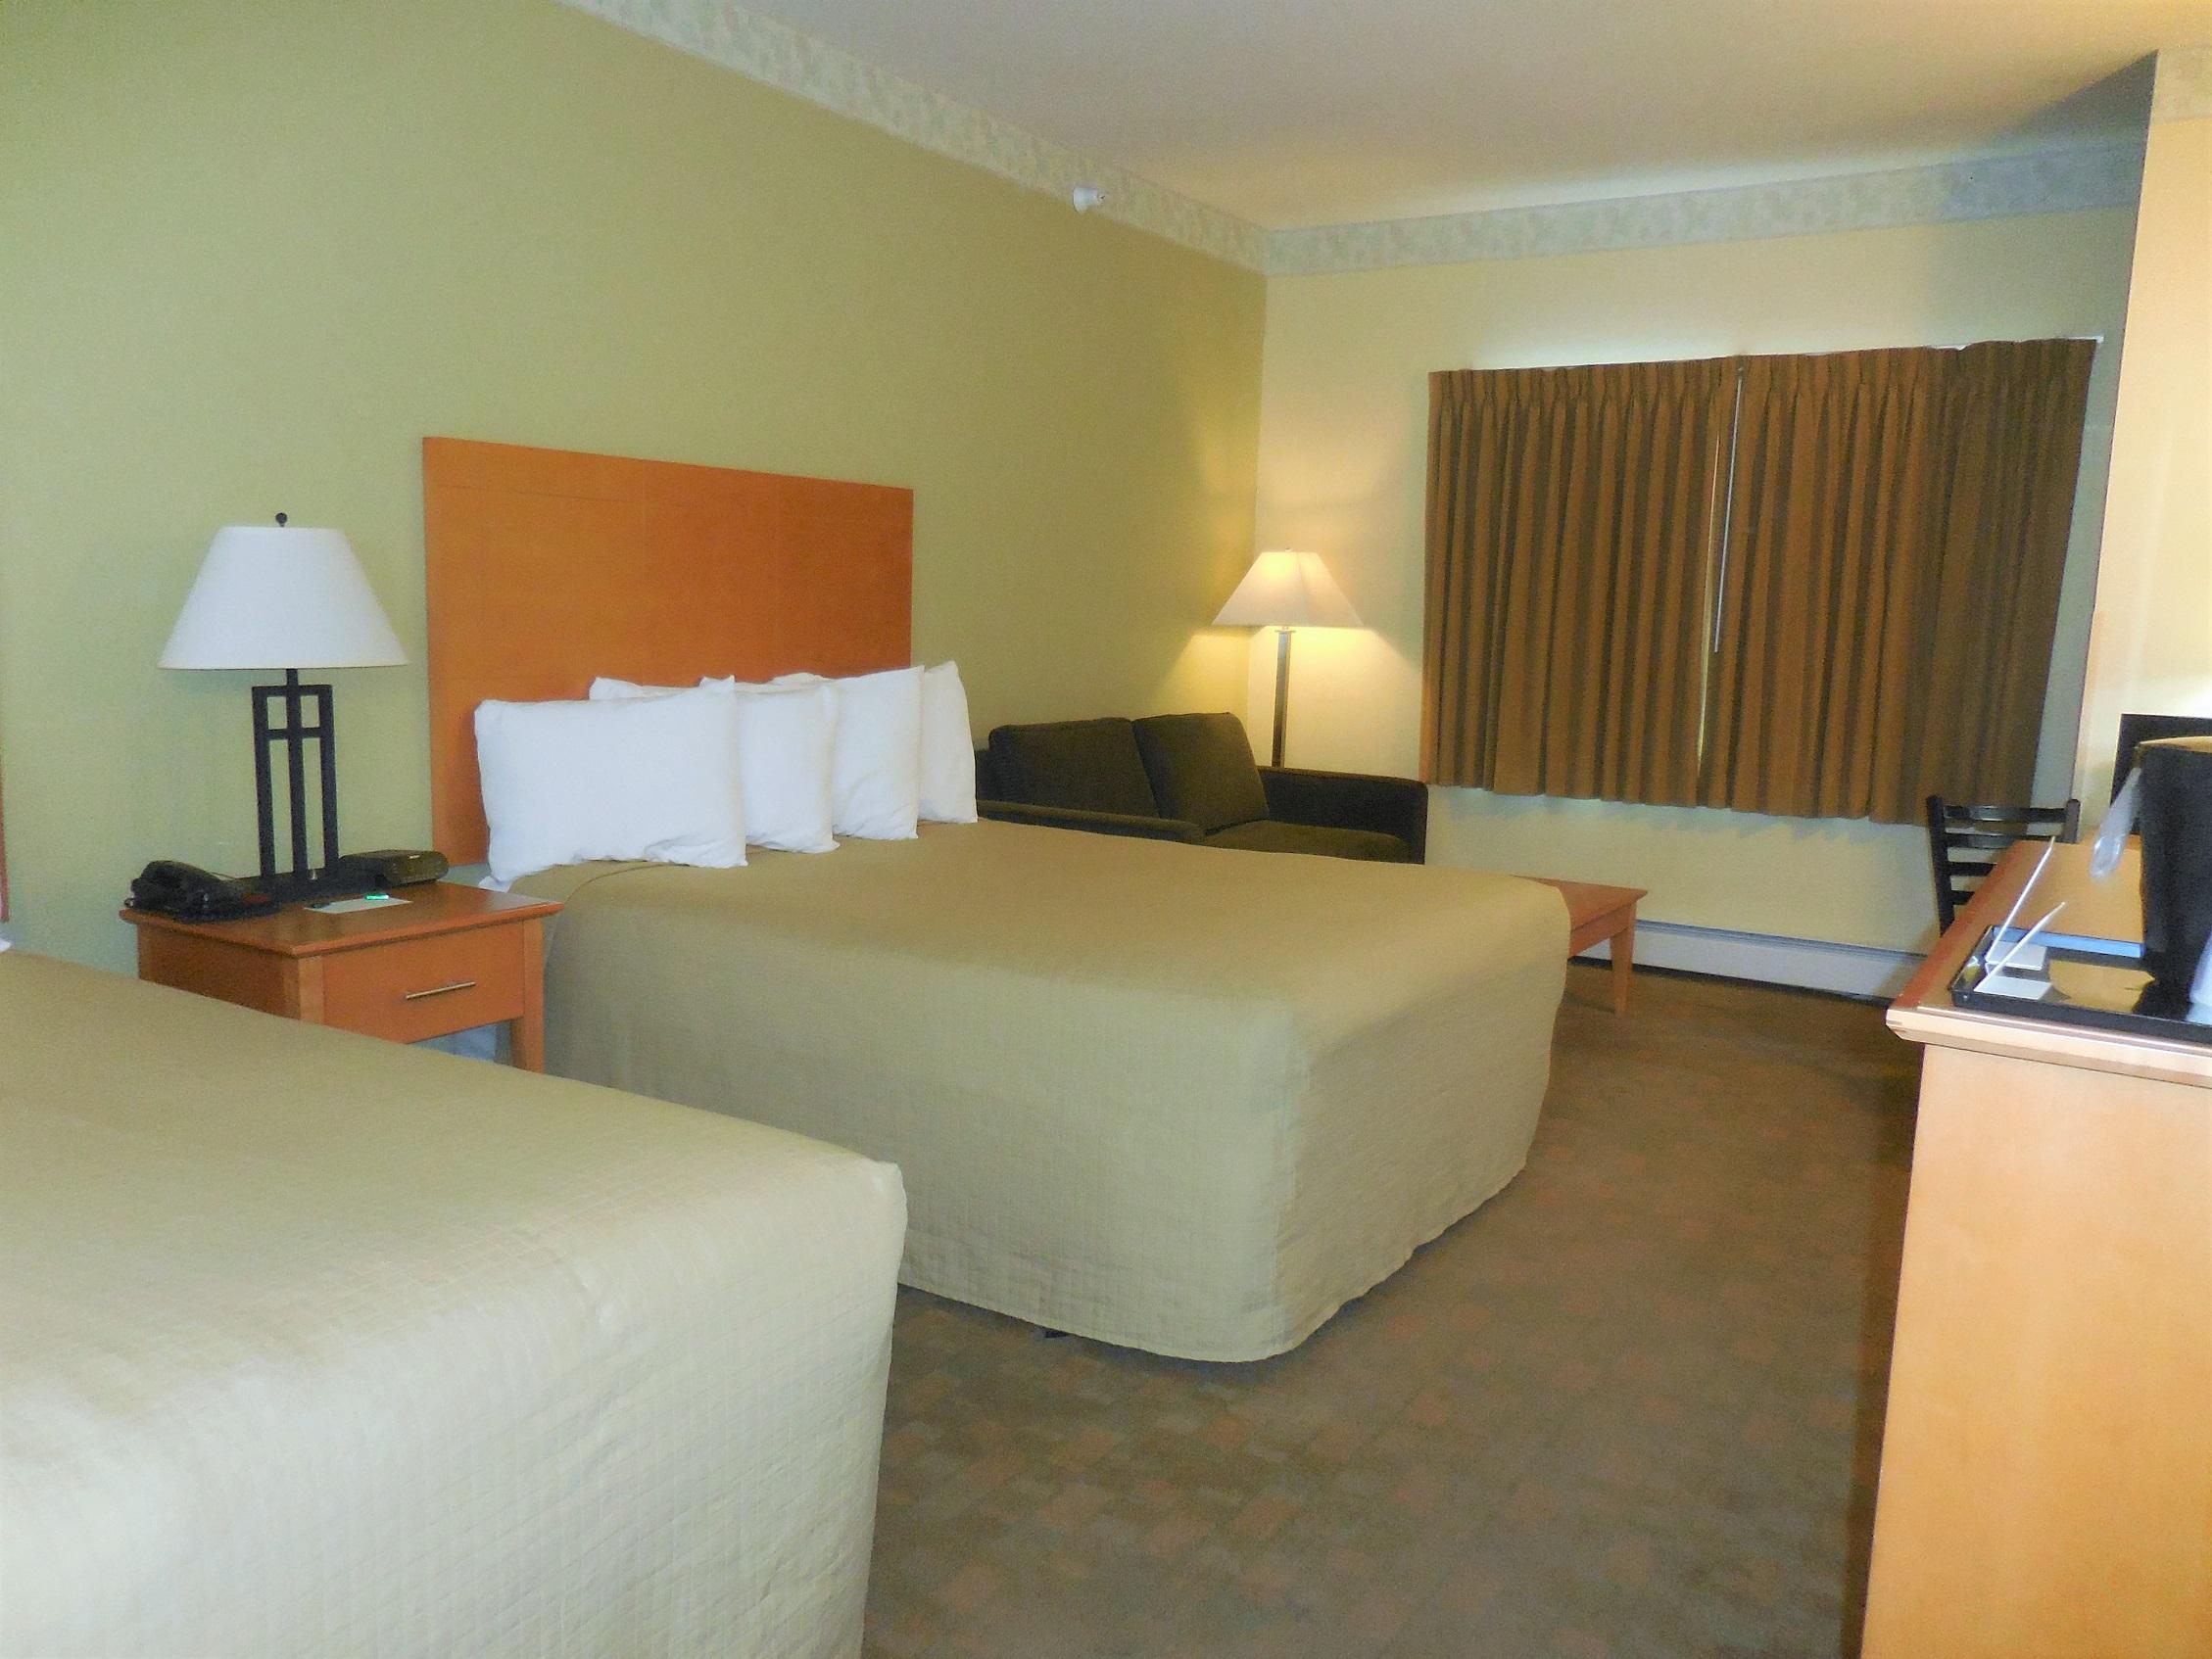 Rooms: Deluxe King & Double Queen Rooms